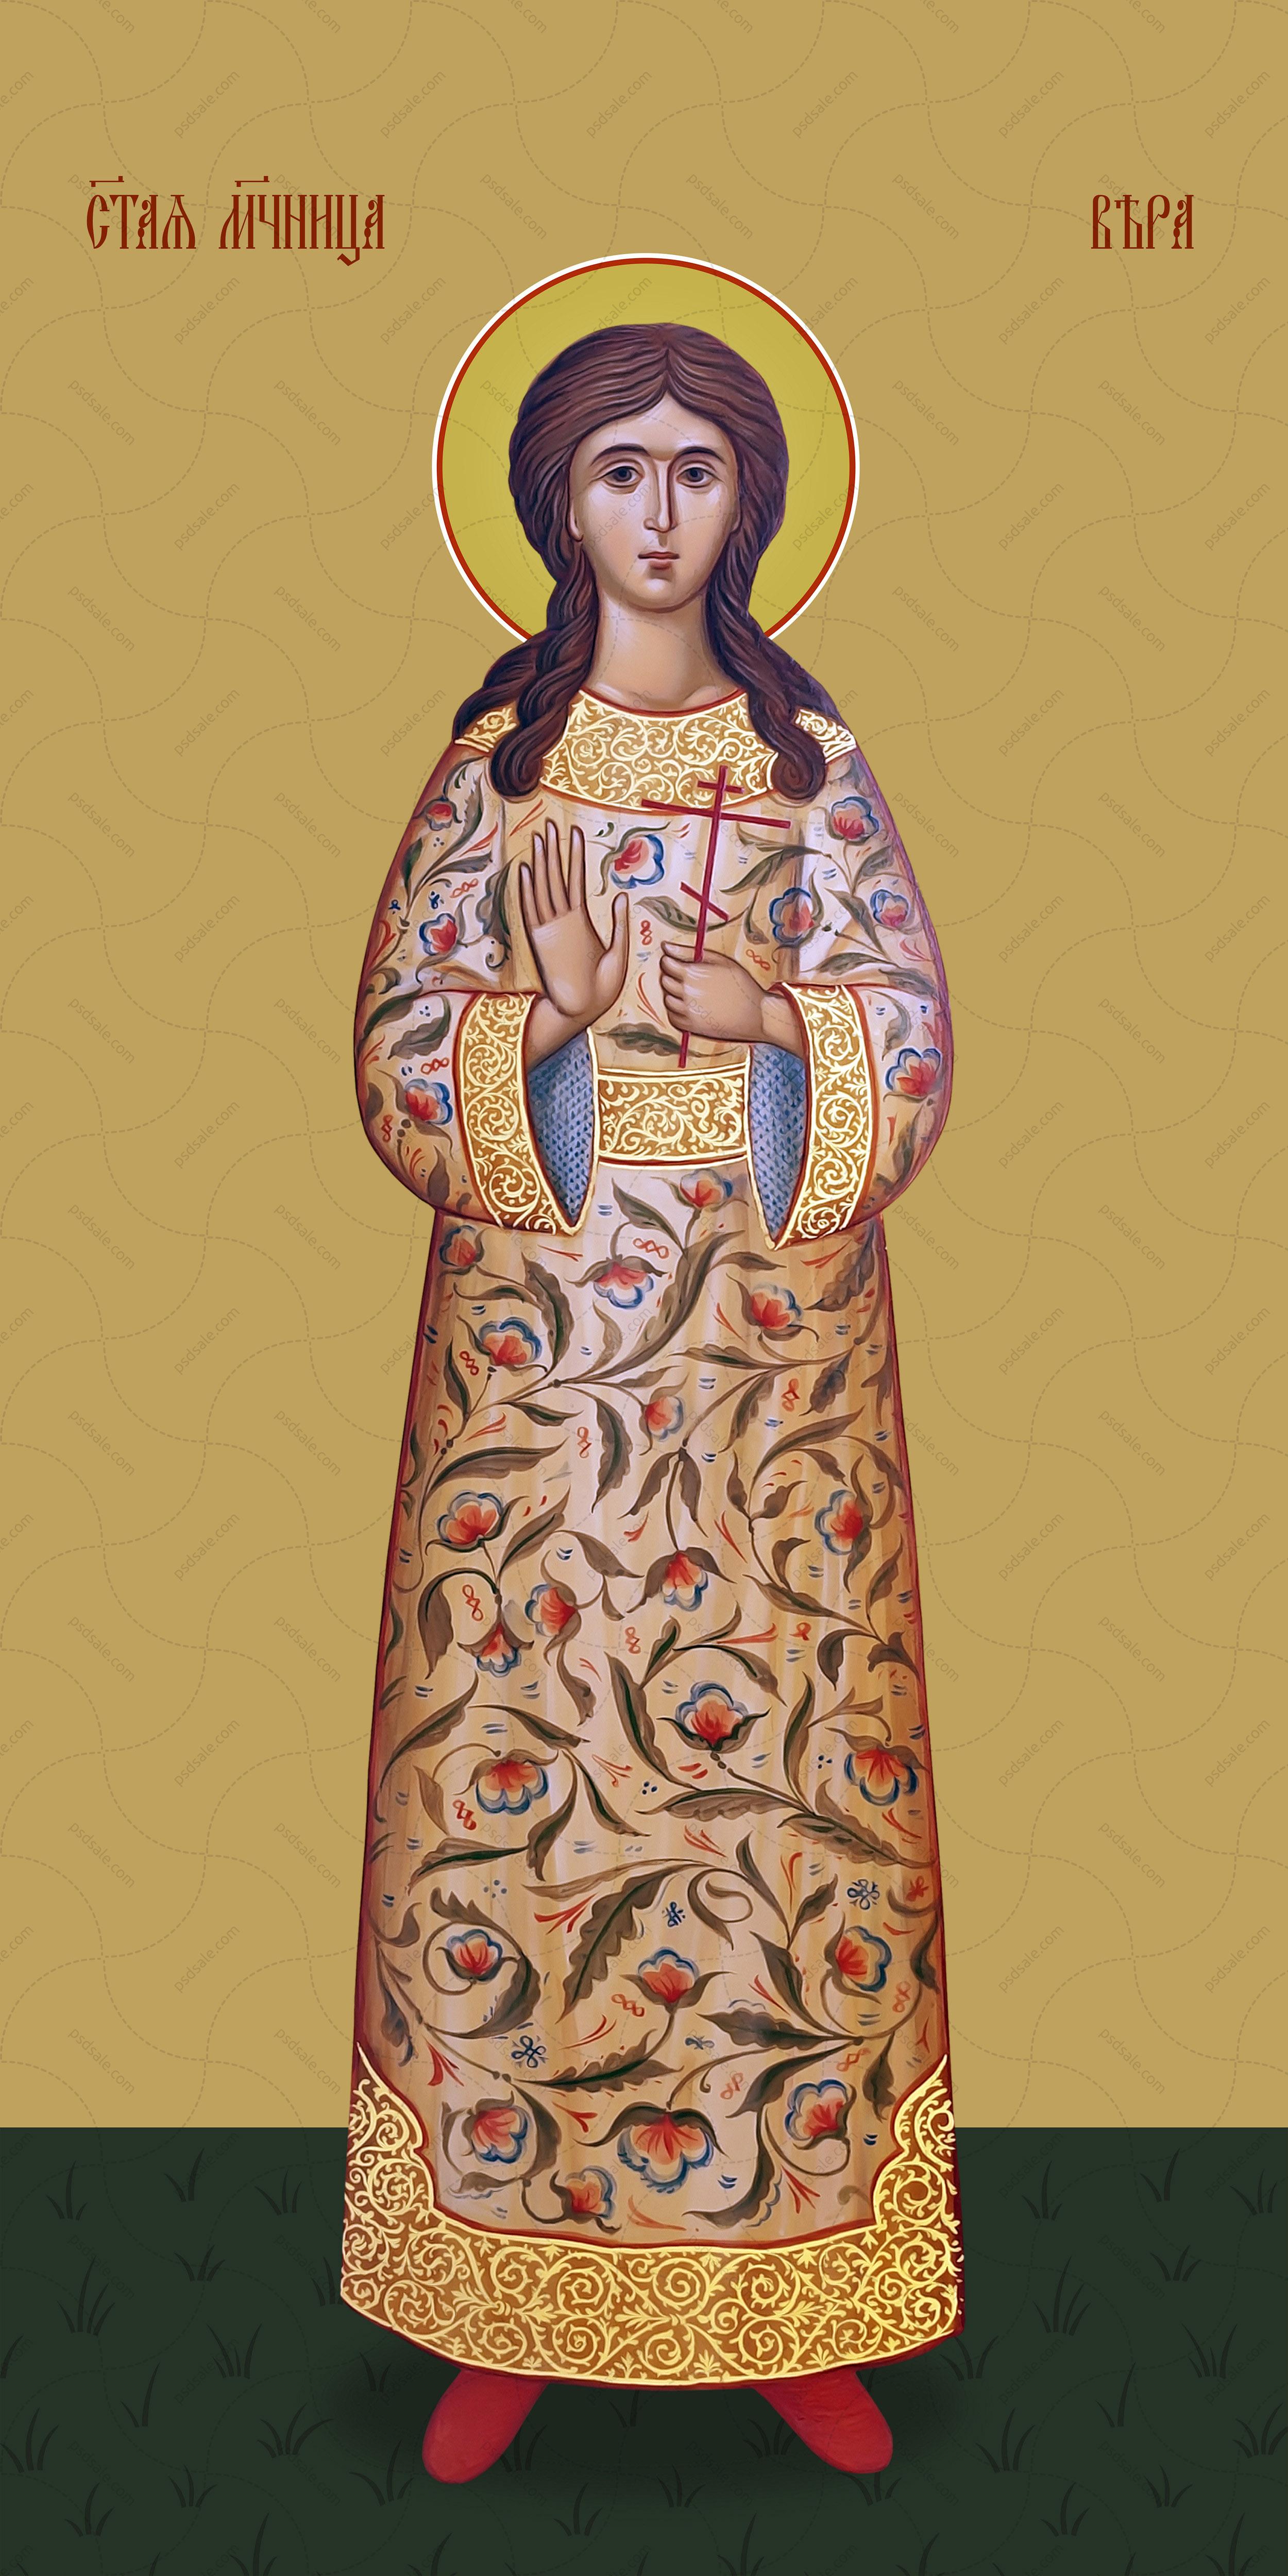 Мерная икона, Вера Римская, мученица